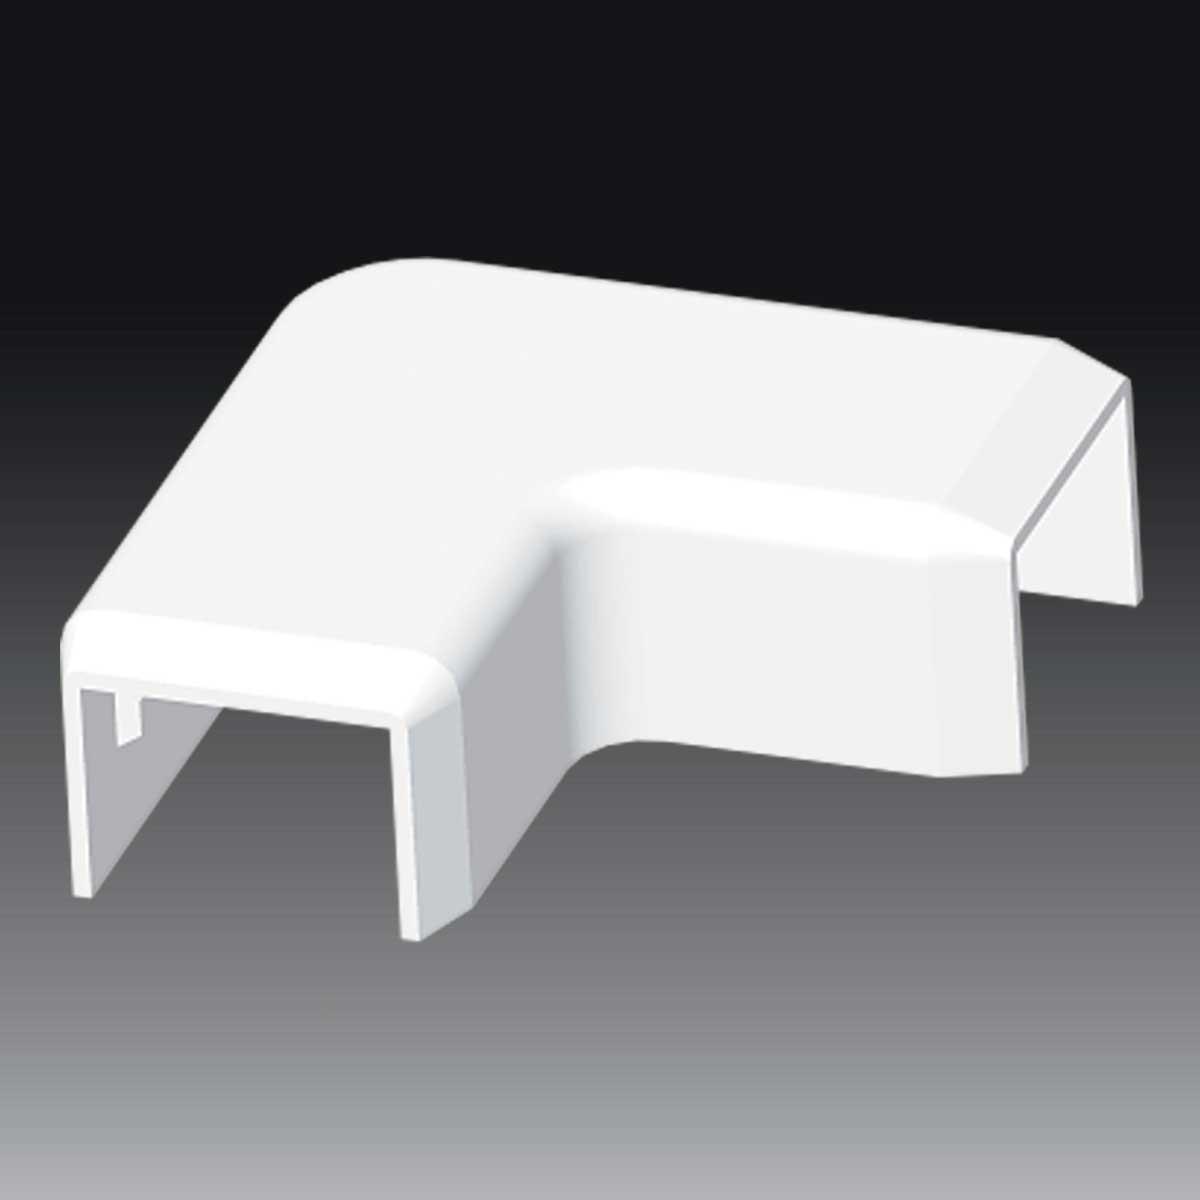 Кут прямий  до LV 18х13 білого кольору; Серія LV; ПВХ